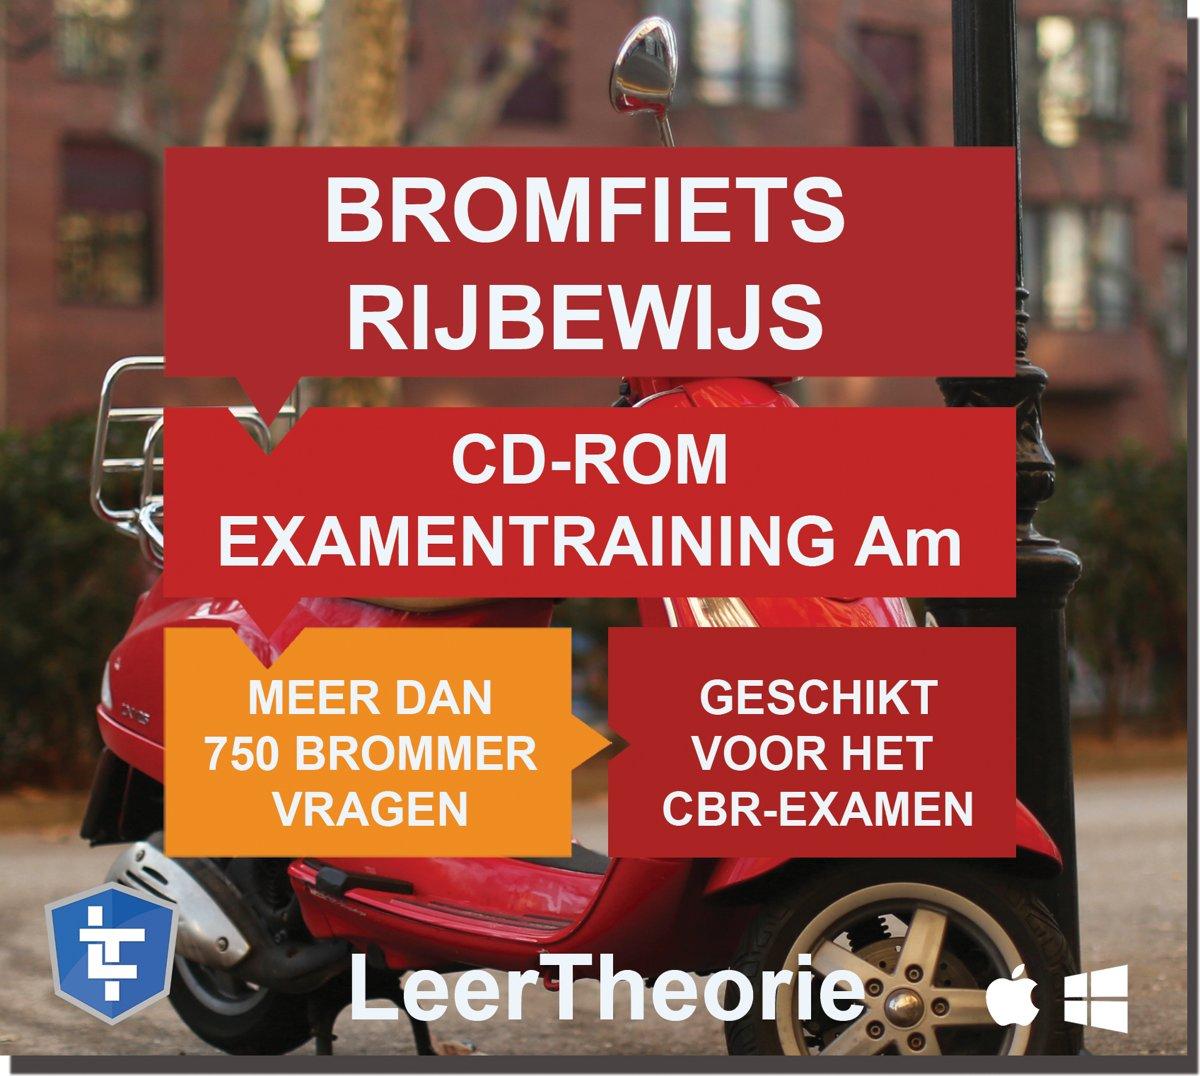 Scooter rijbewijs am - cd-rom 2020 bromfiets examentraining am - 750 oefenvragen - 15 theorie examens - ontworpen voor het cbr theorie-examen